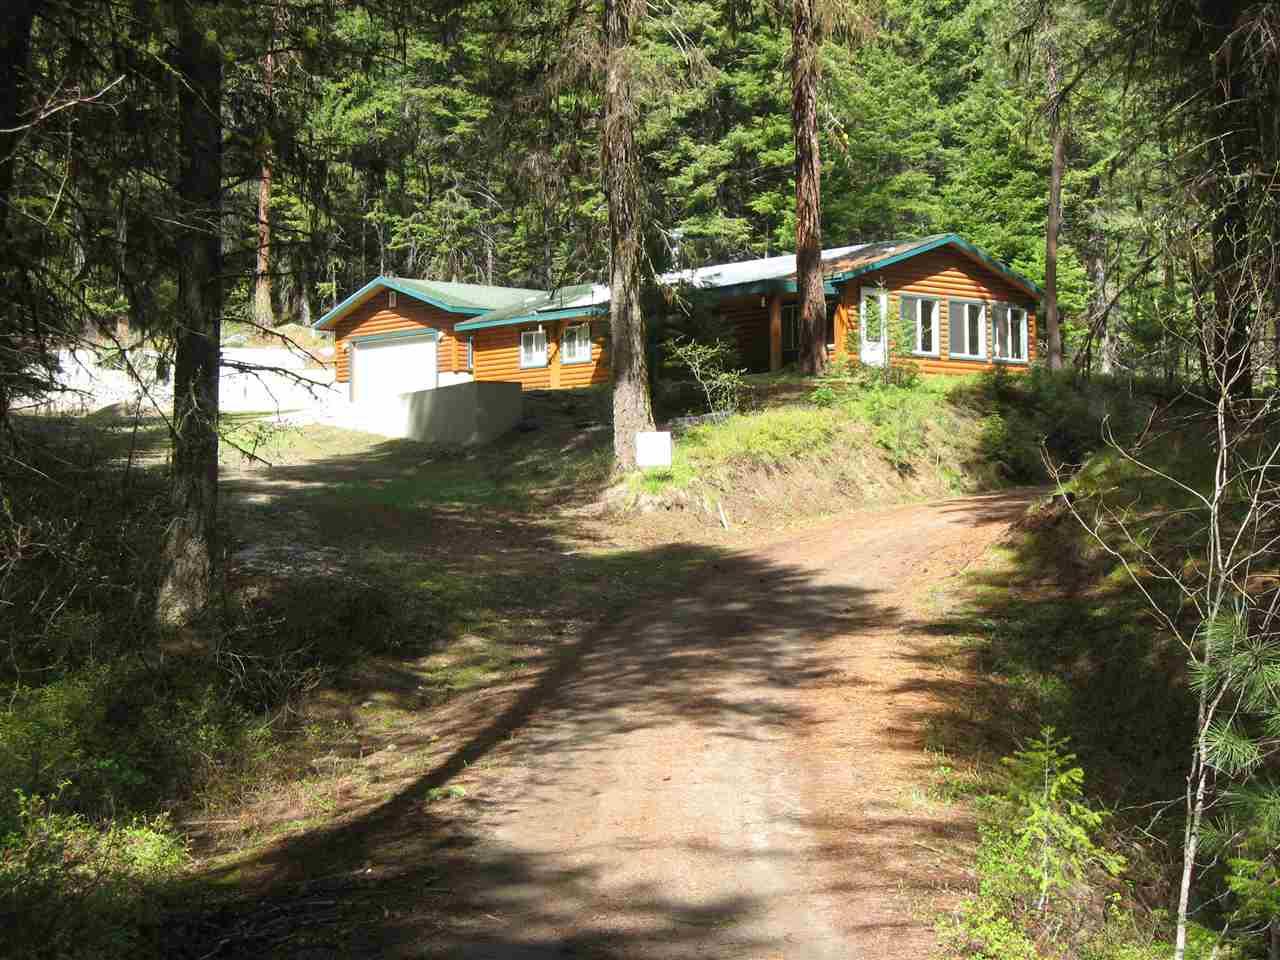 Single Family Home for Sale at 74 Ranch Circle 74 Ranch Circle Ola, Idaho 83657